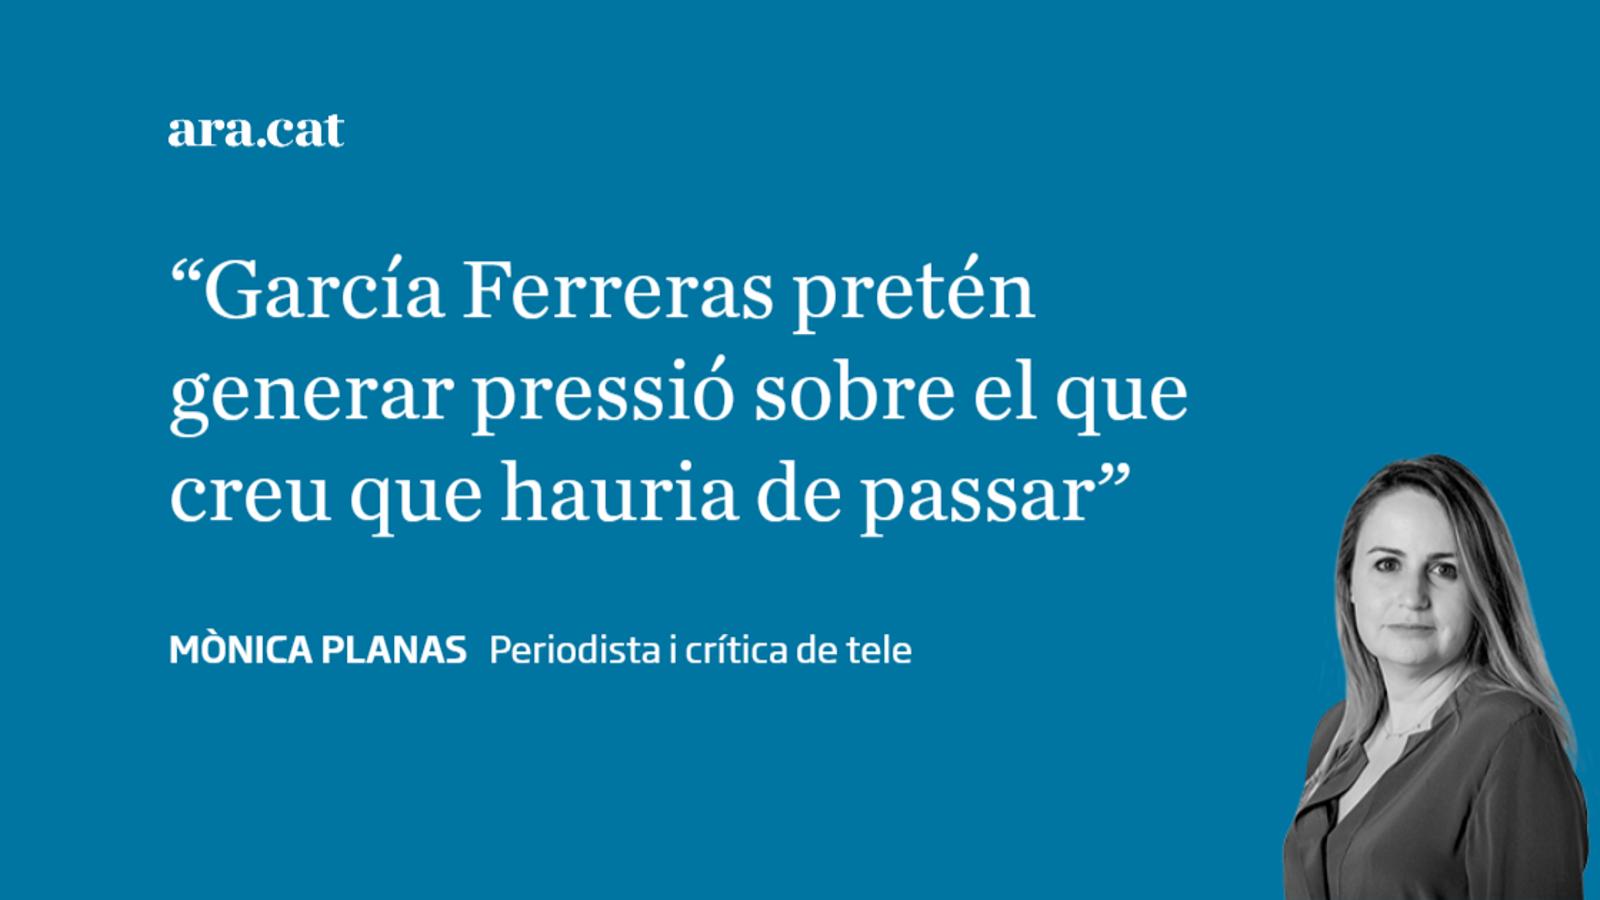 El mantra de García Ferreras